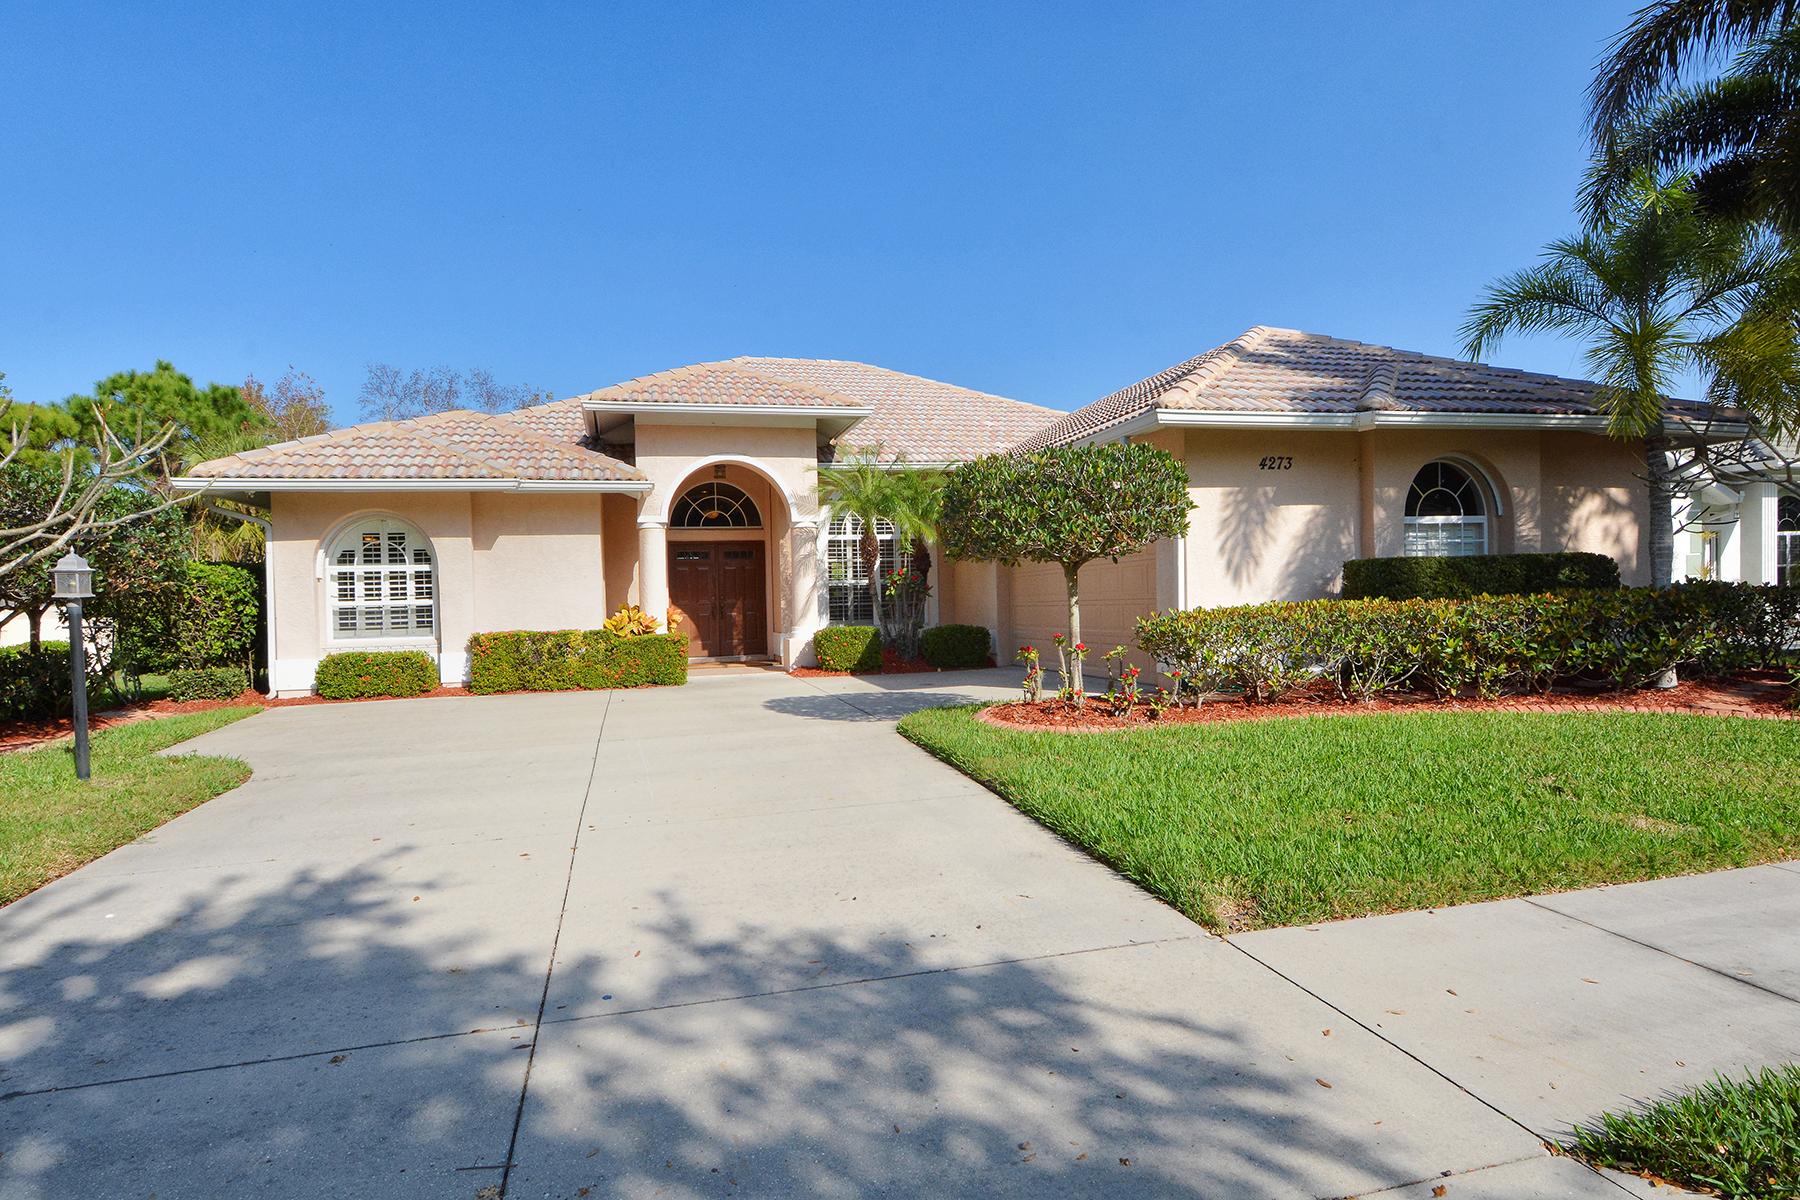 Single Family Home for Sale at VENETIA 4273 Via Del Villetti Dr Venice, Florida, 34293 United States